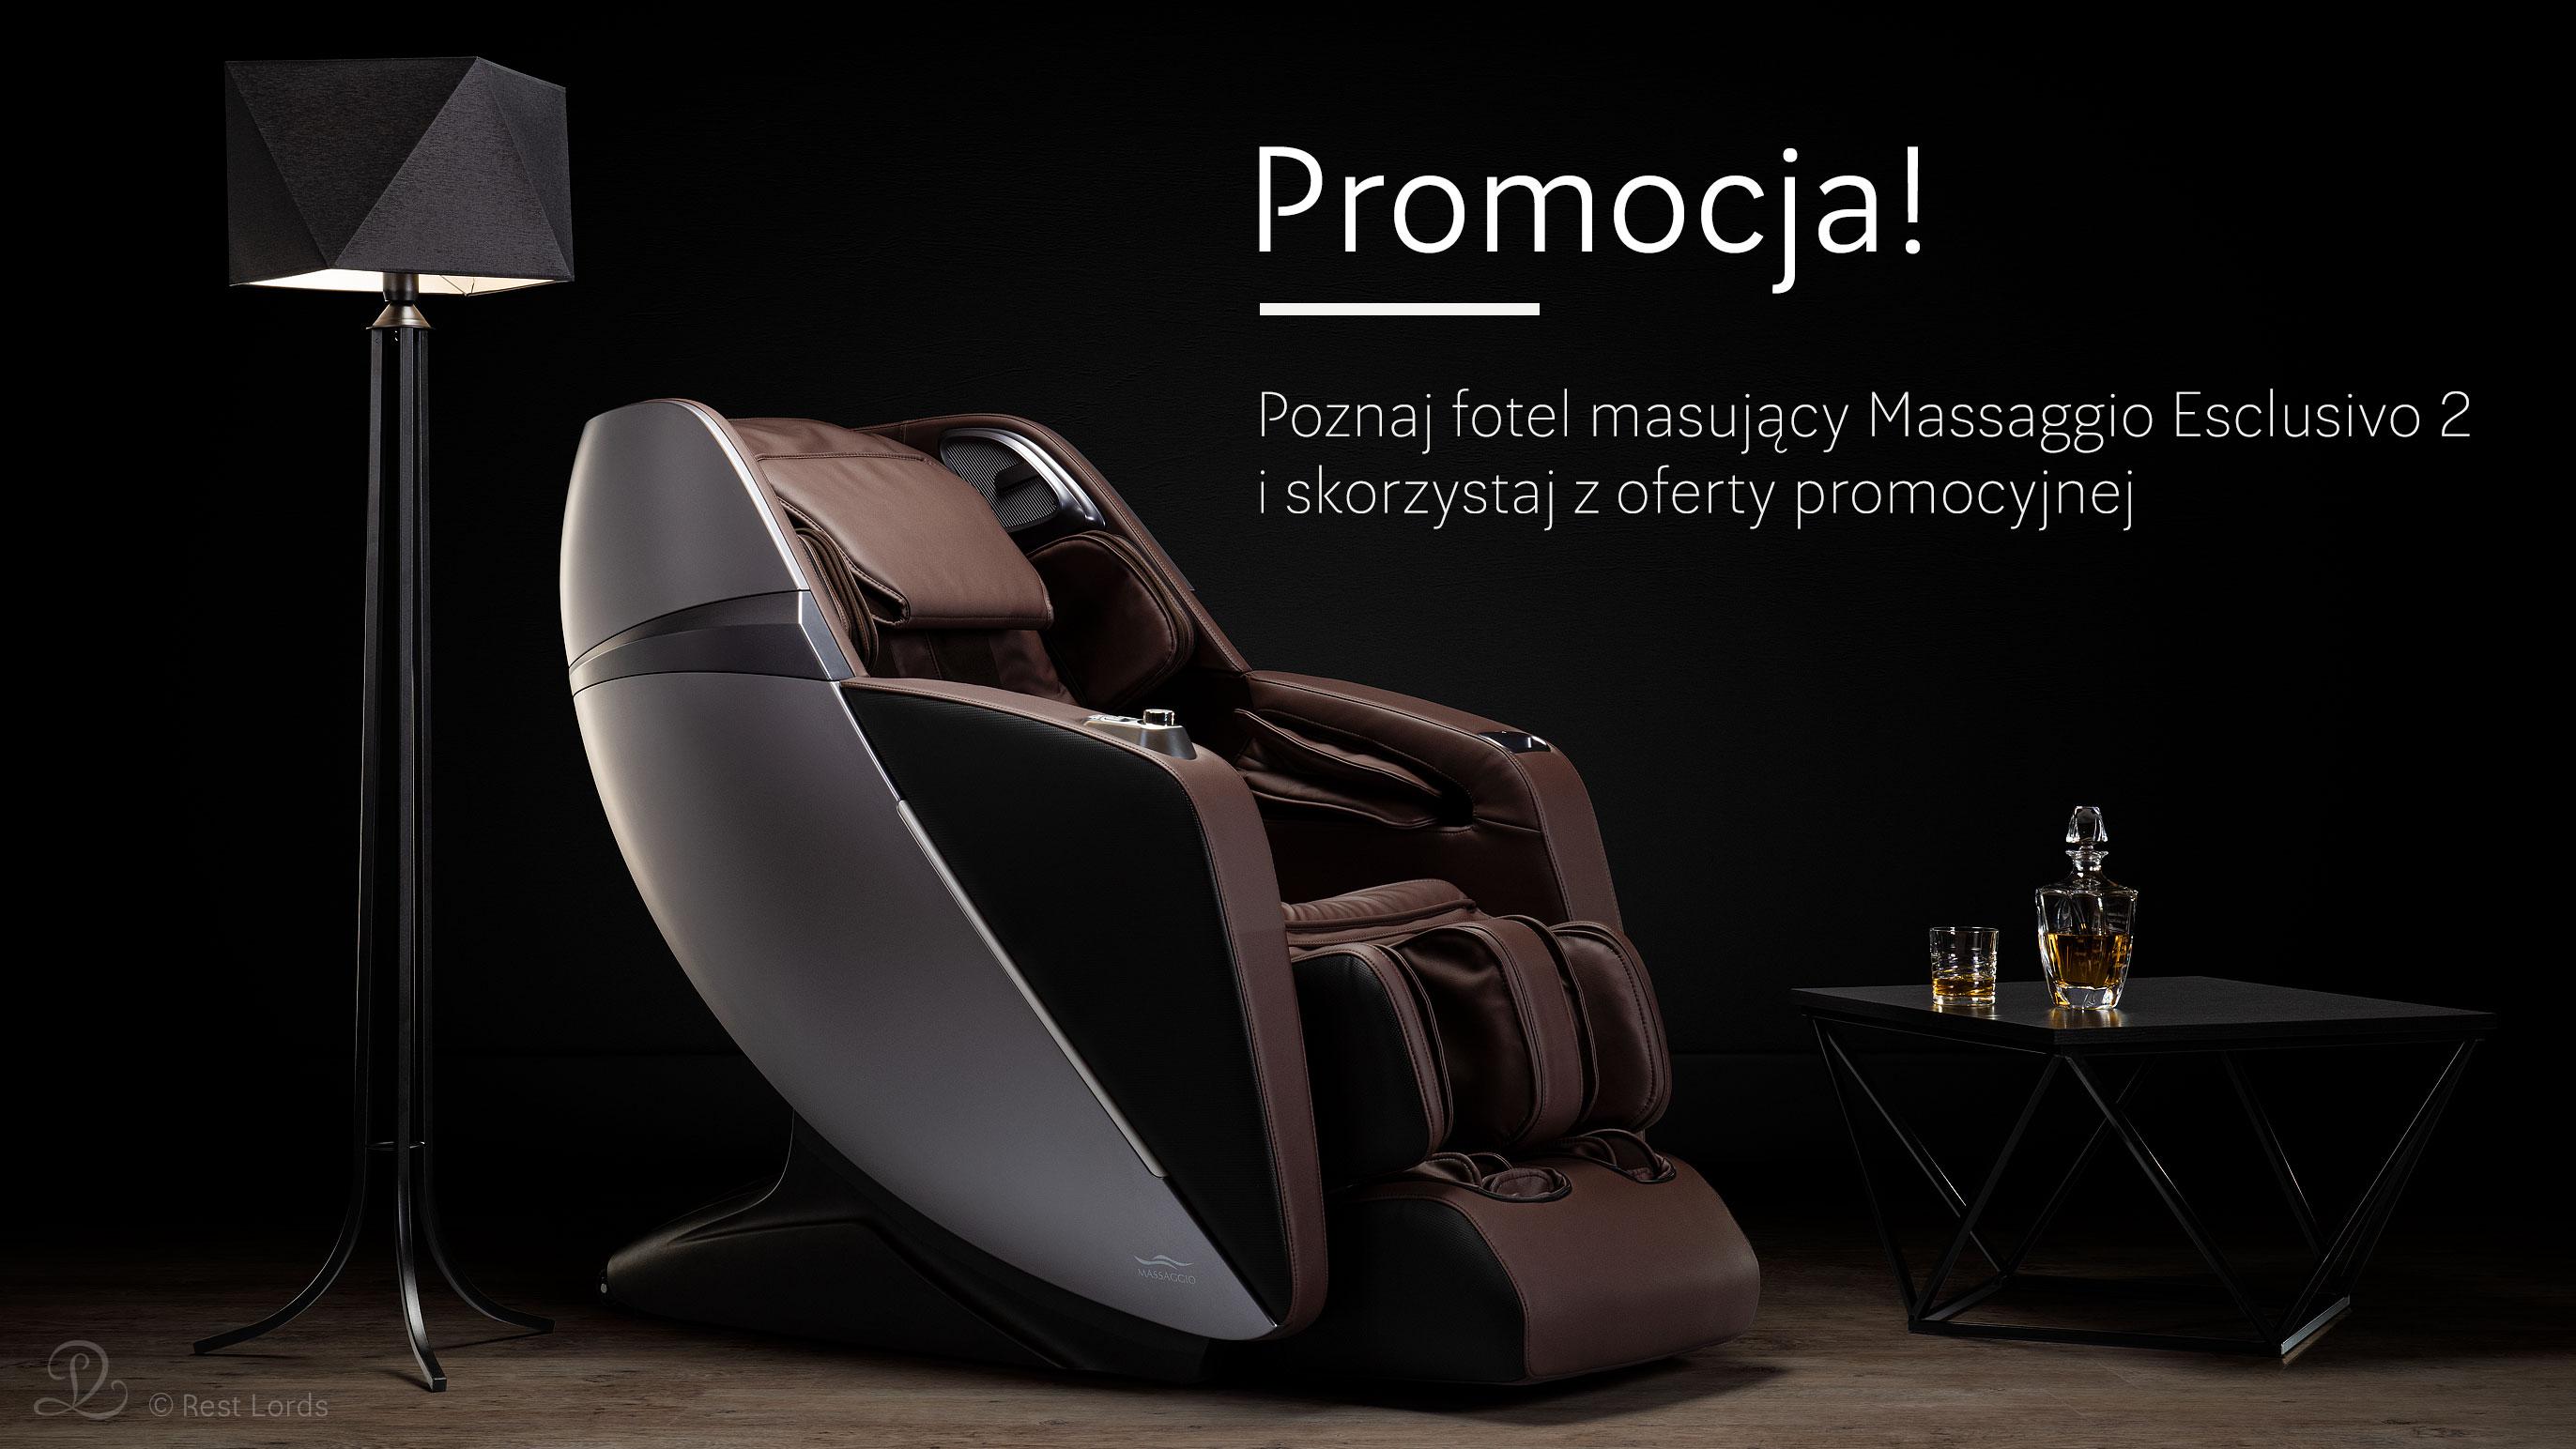 Fotel masujący Massaggio Esclusivo 2 promocja wyprzedaż